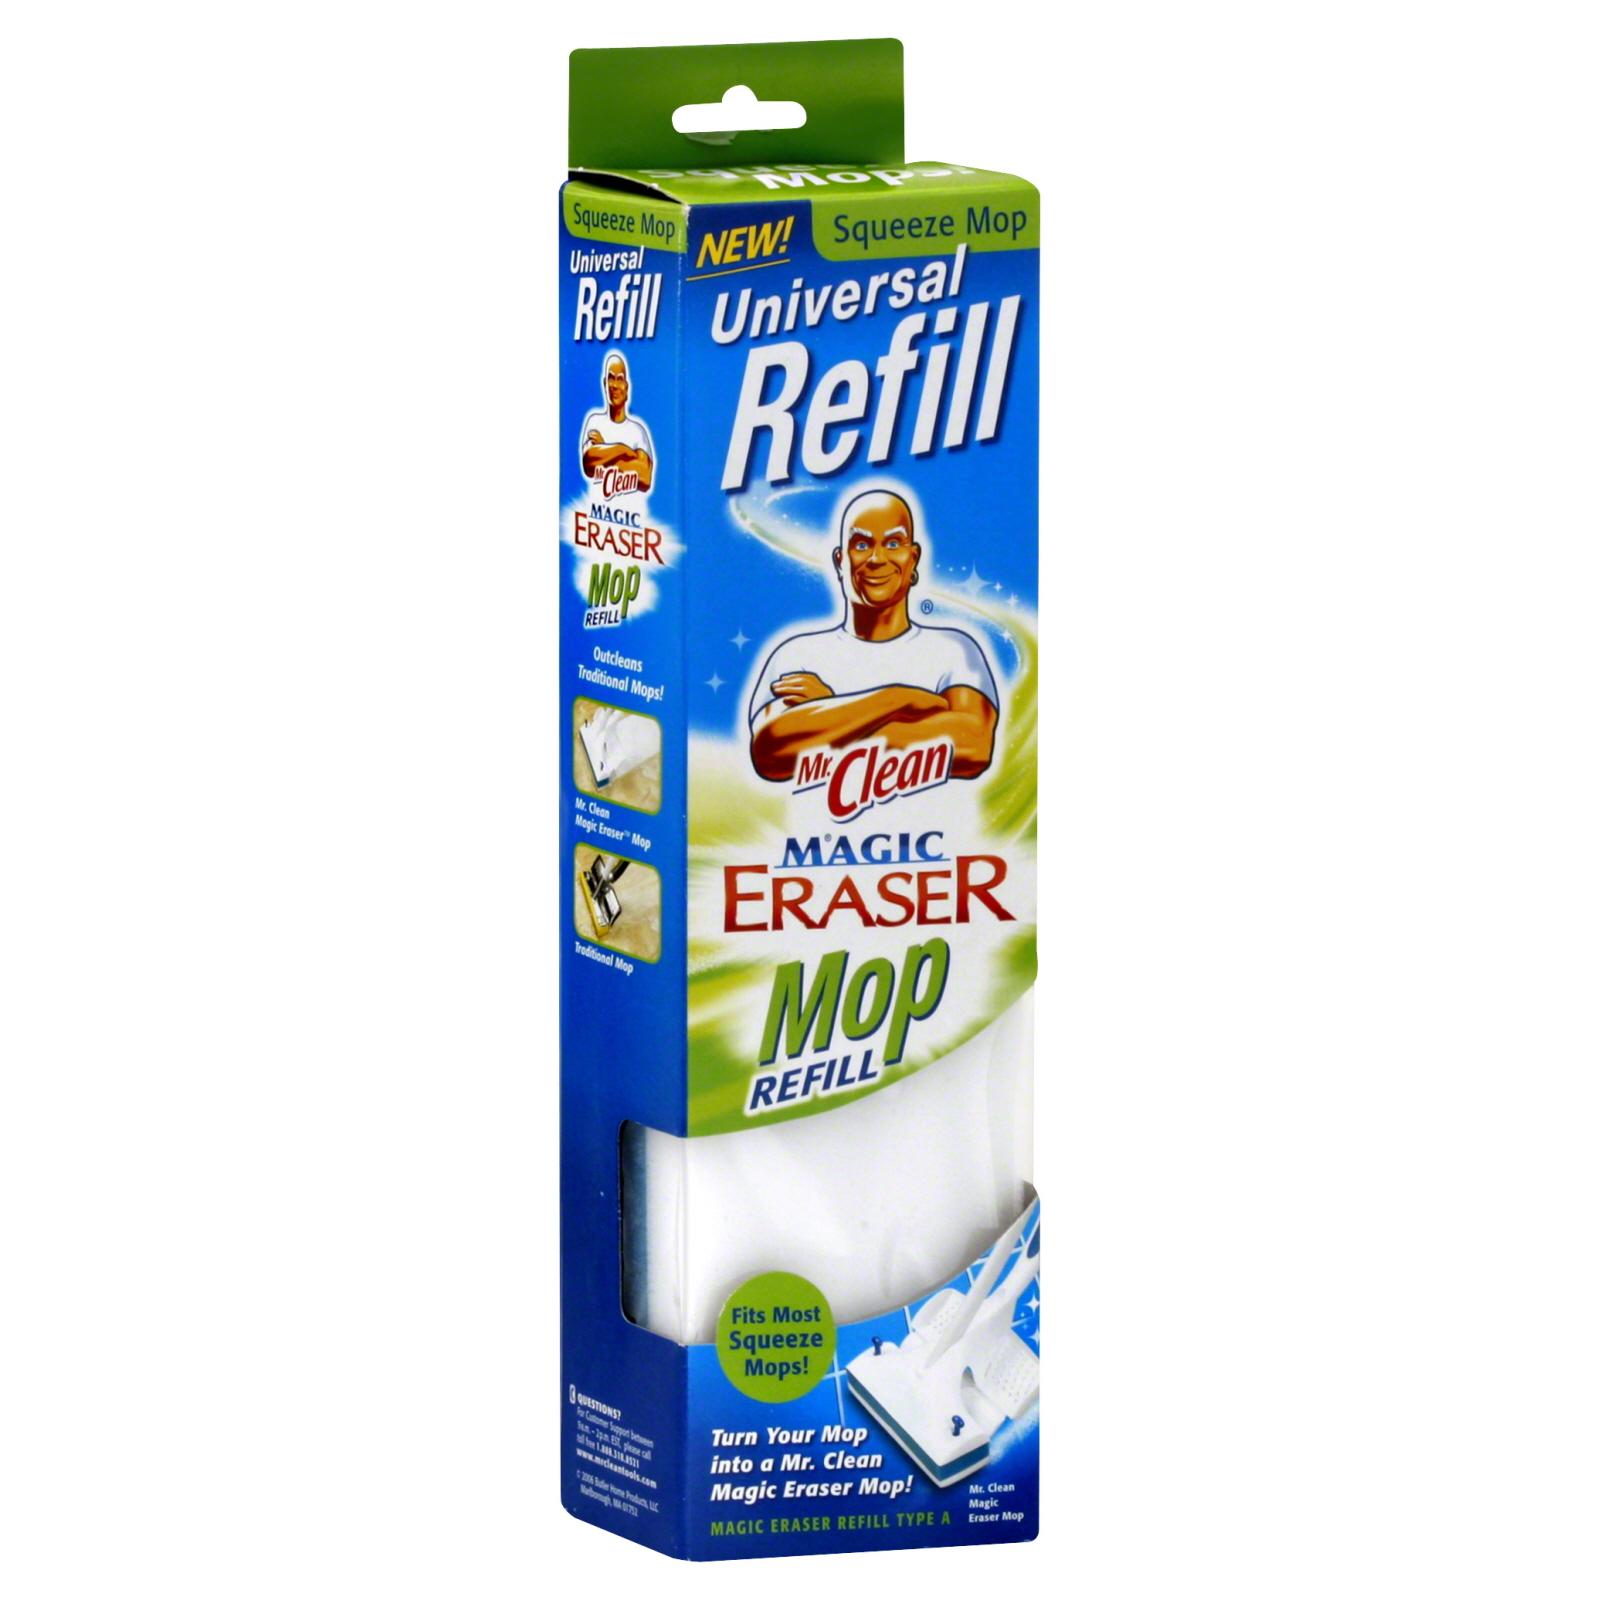 Clean Magic Eraser Mop Refill 1